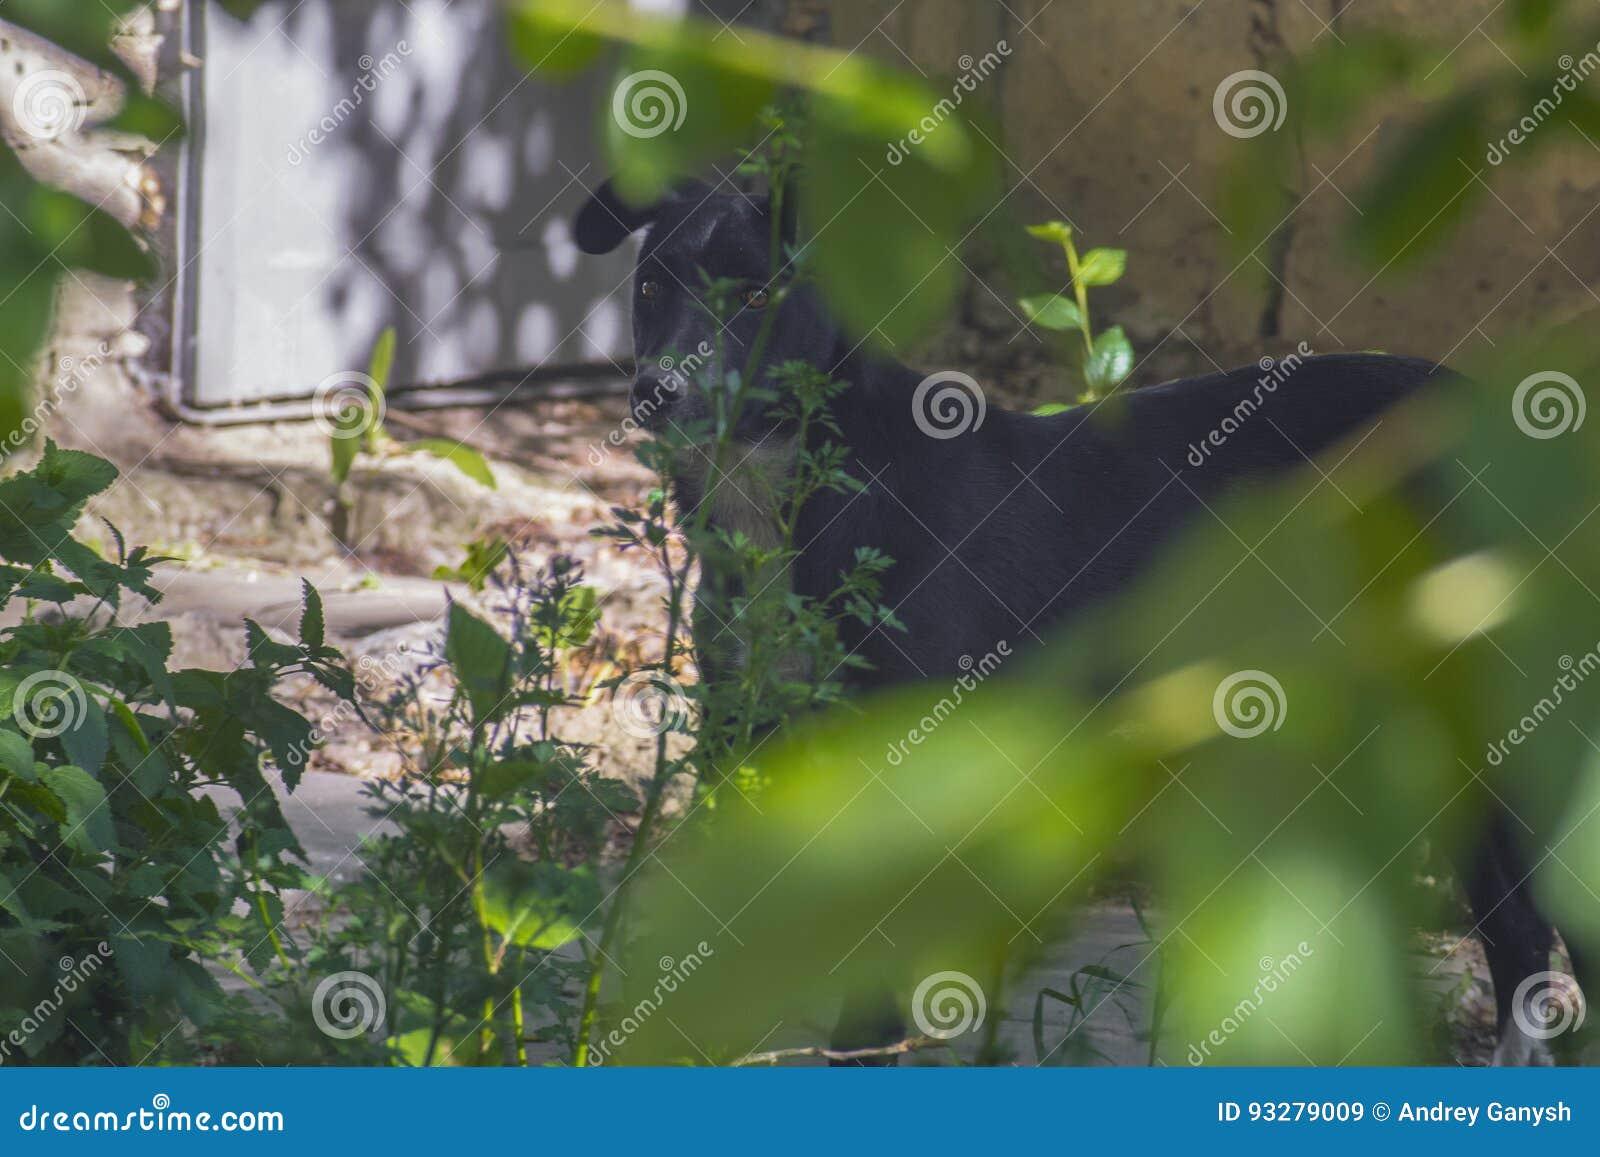 Perro que oculta detrás de arbustos en la calle